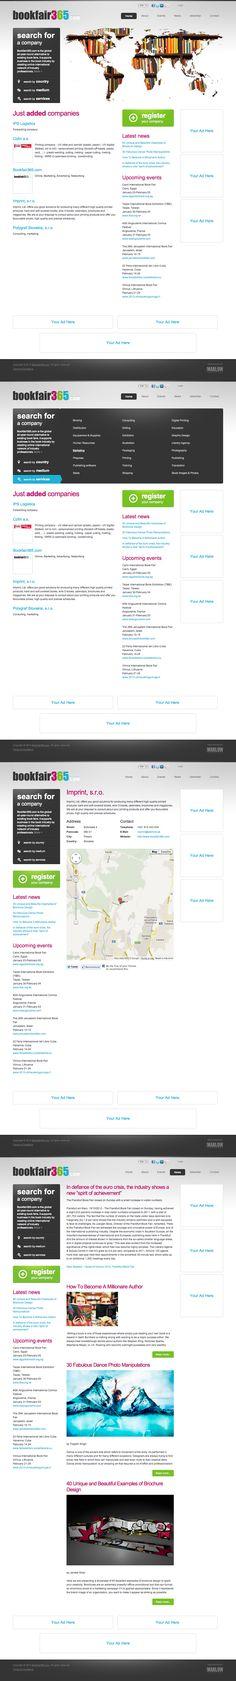 Web design - Bookfair365.com Marlow, Web Design, Image, Design Web, Website Designs, Site Design